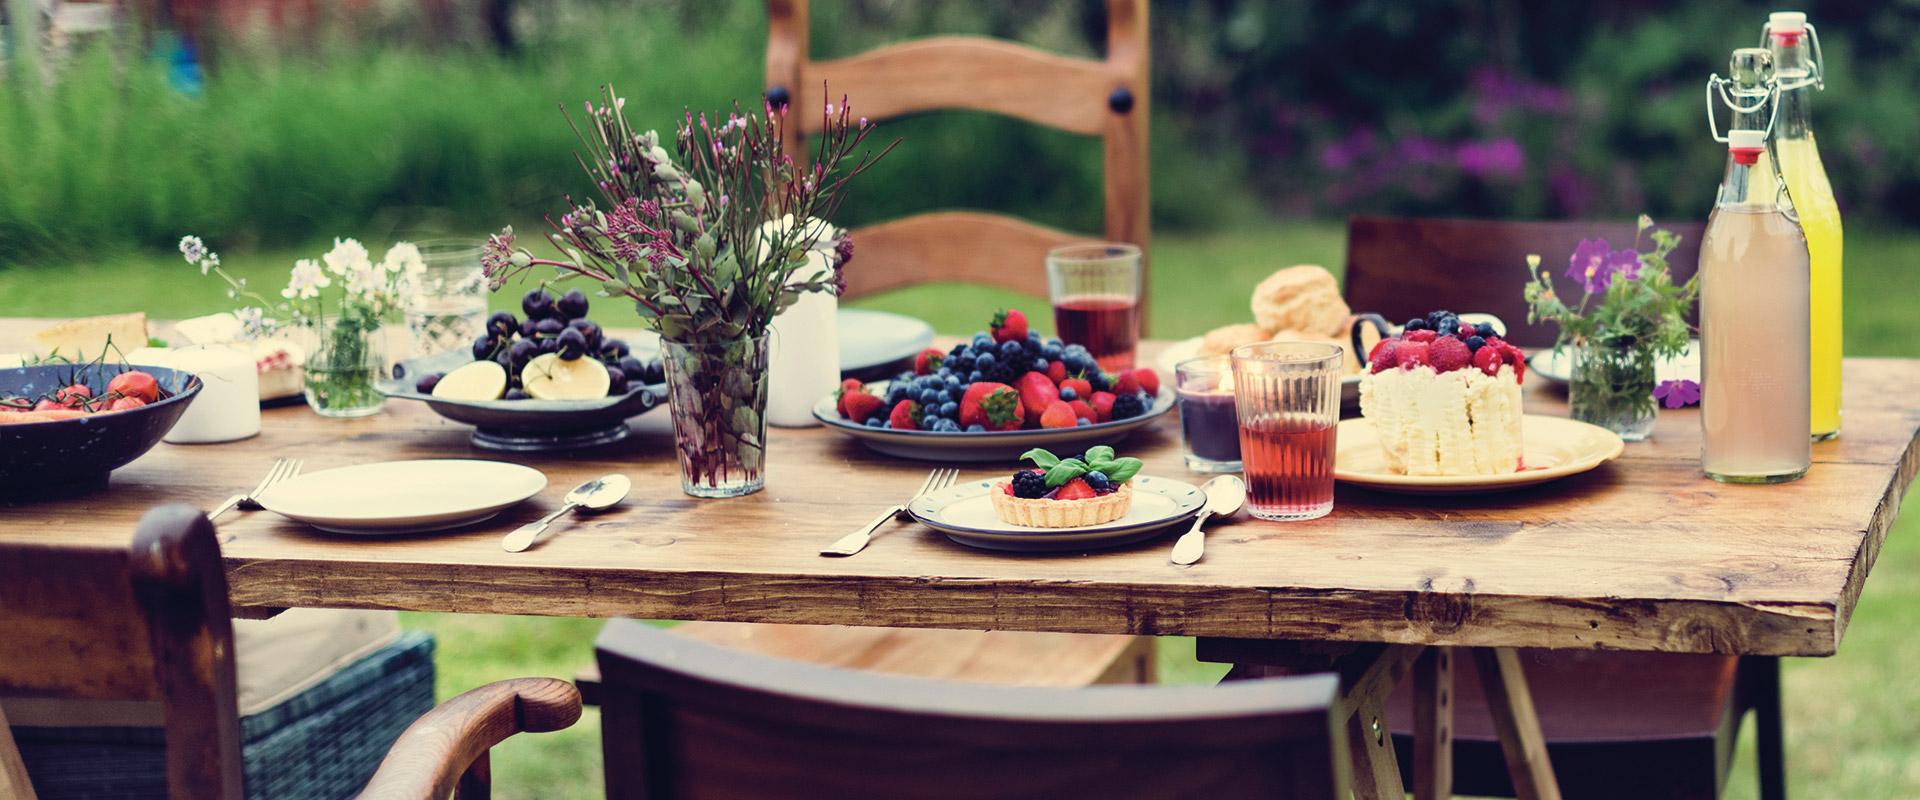 3 Idees Pour Un Repas Estival Entre Amis Fratelli Carli